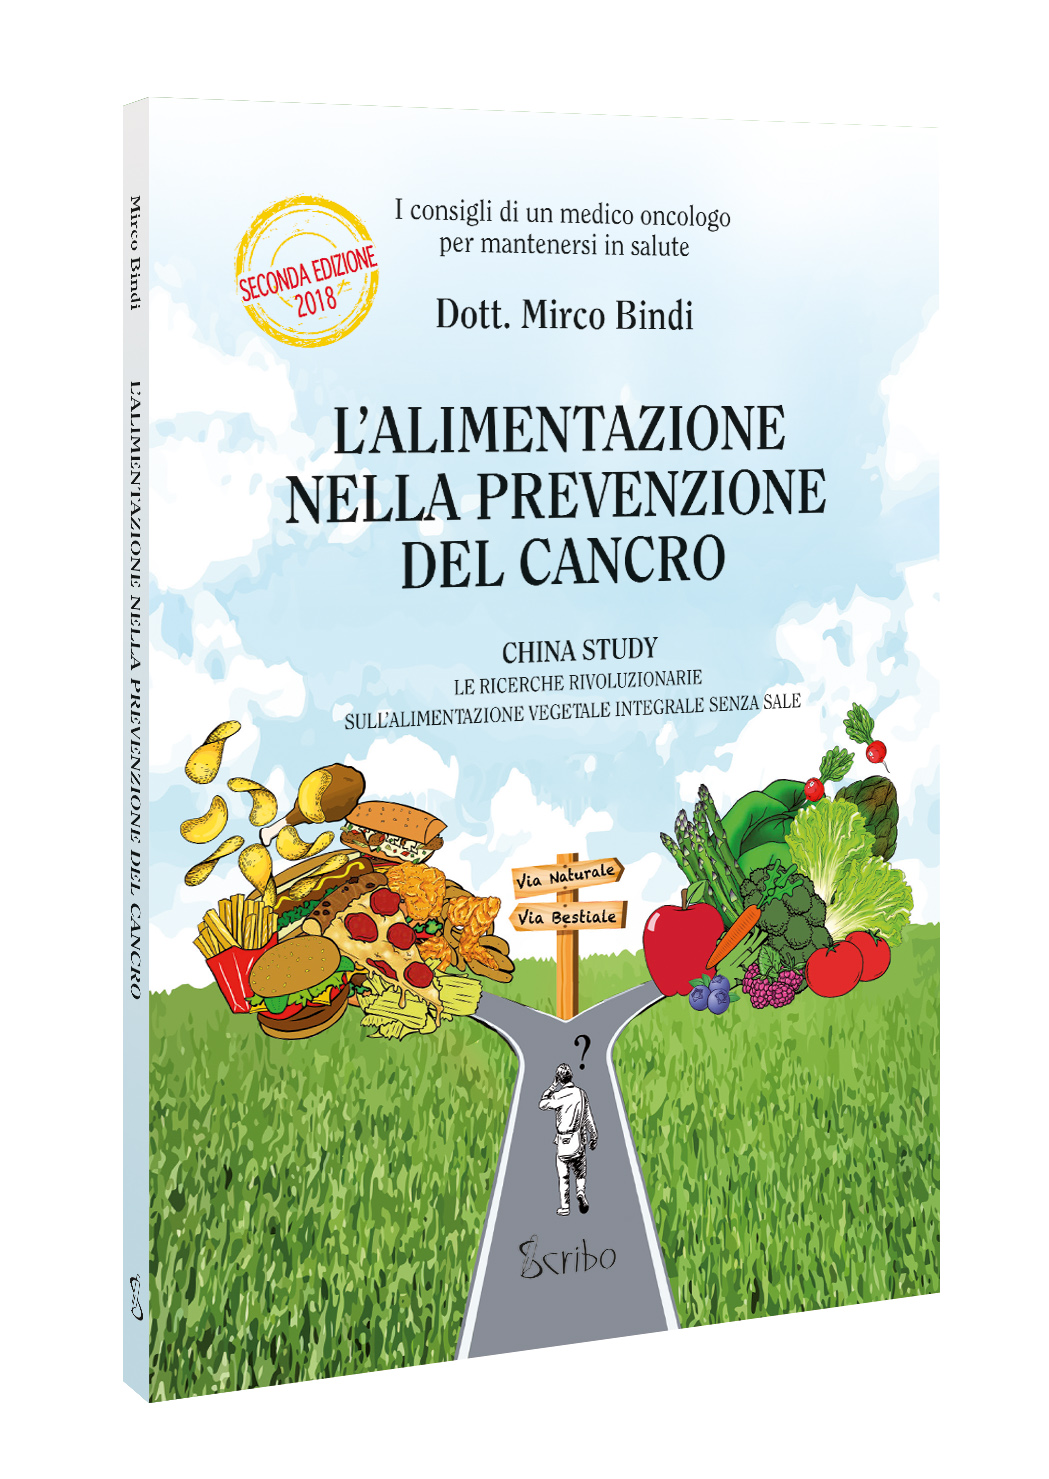 L'alimentazione nella prevenzione del cancro (seconda edizione)